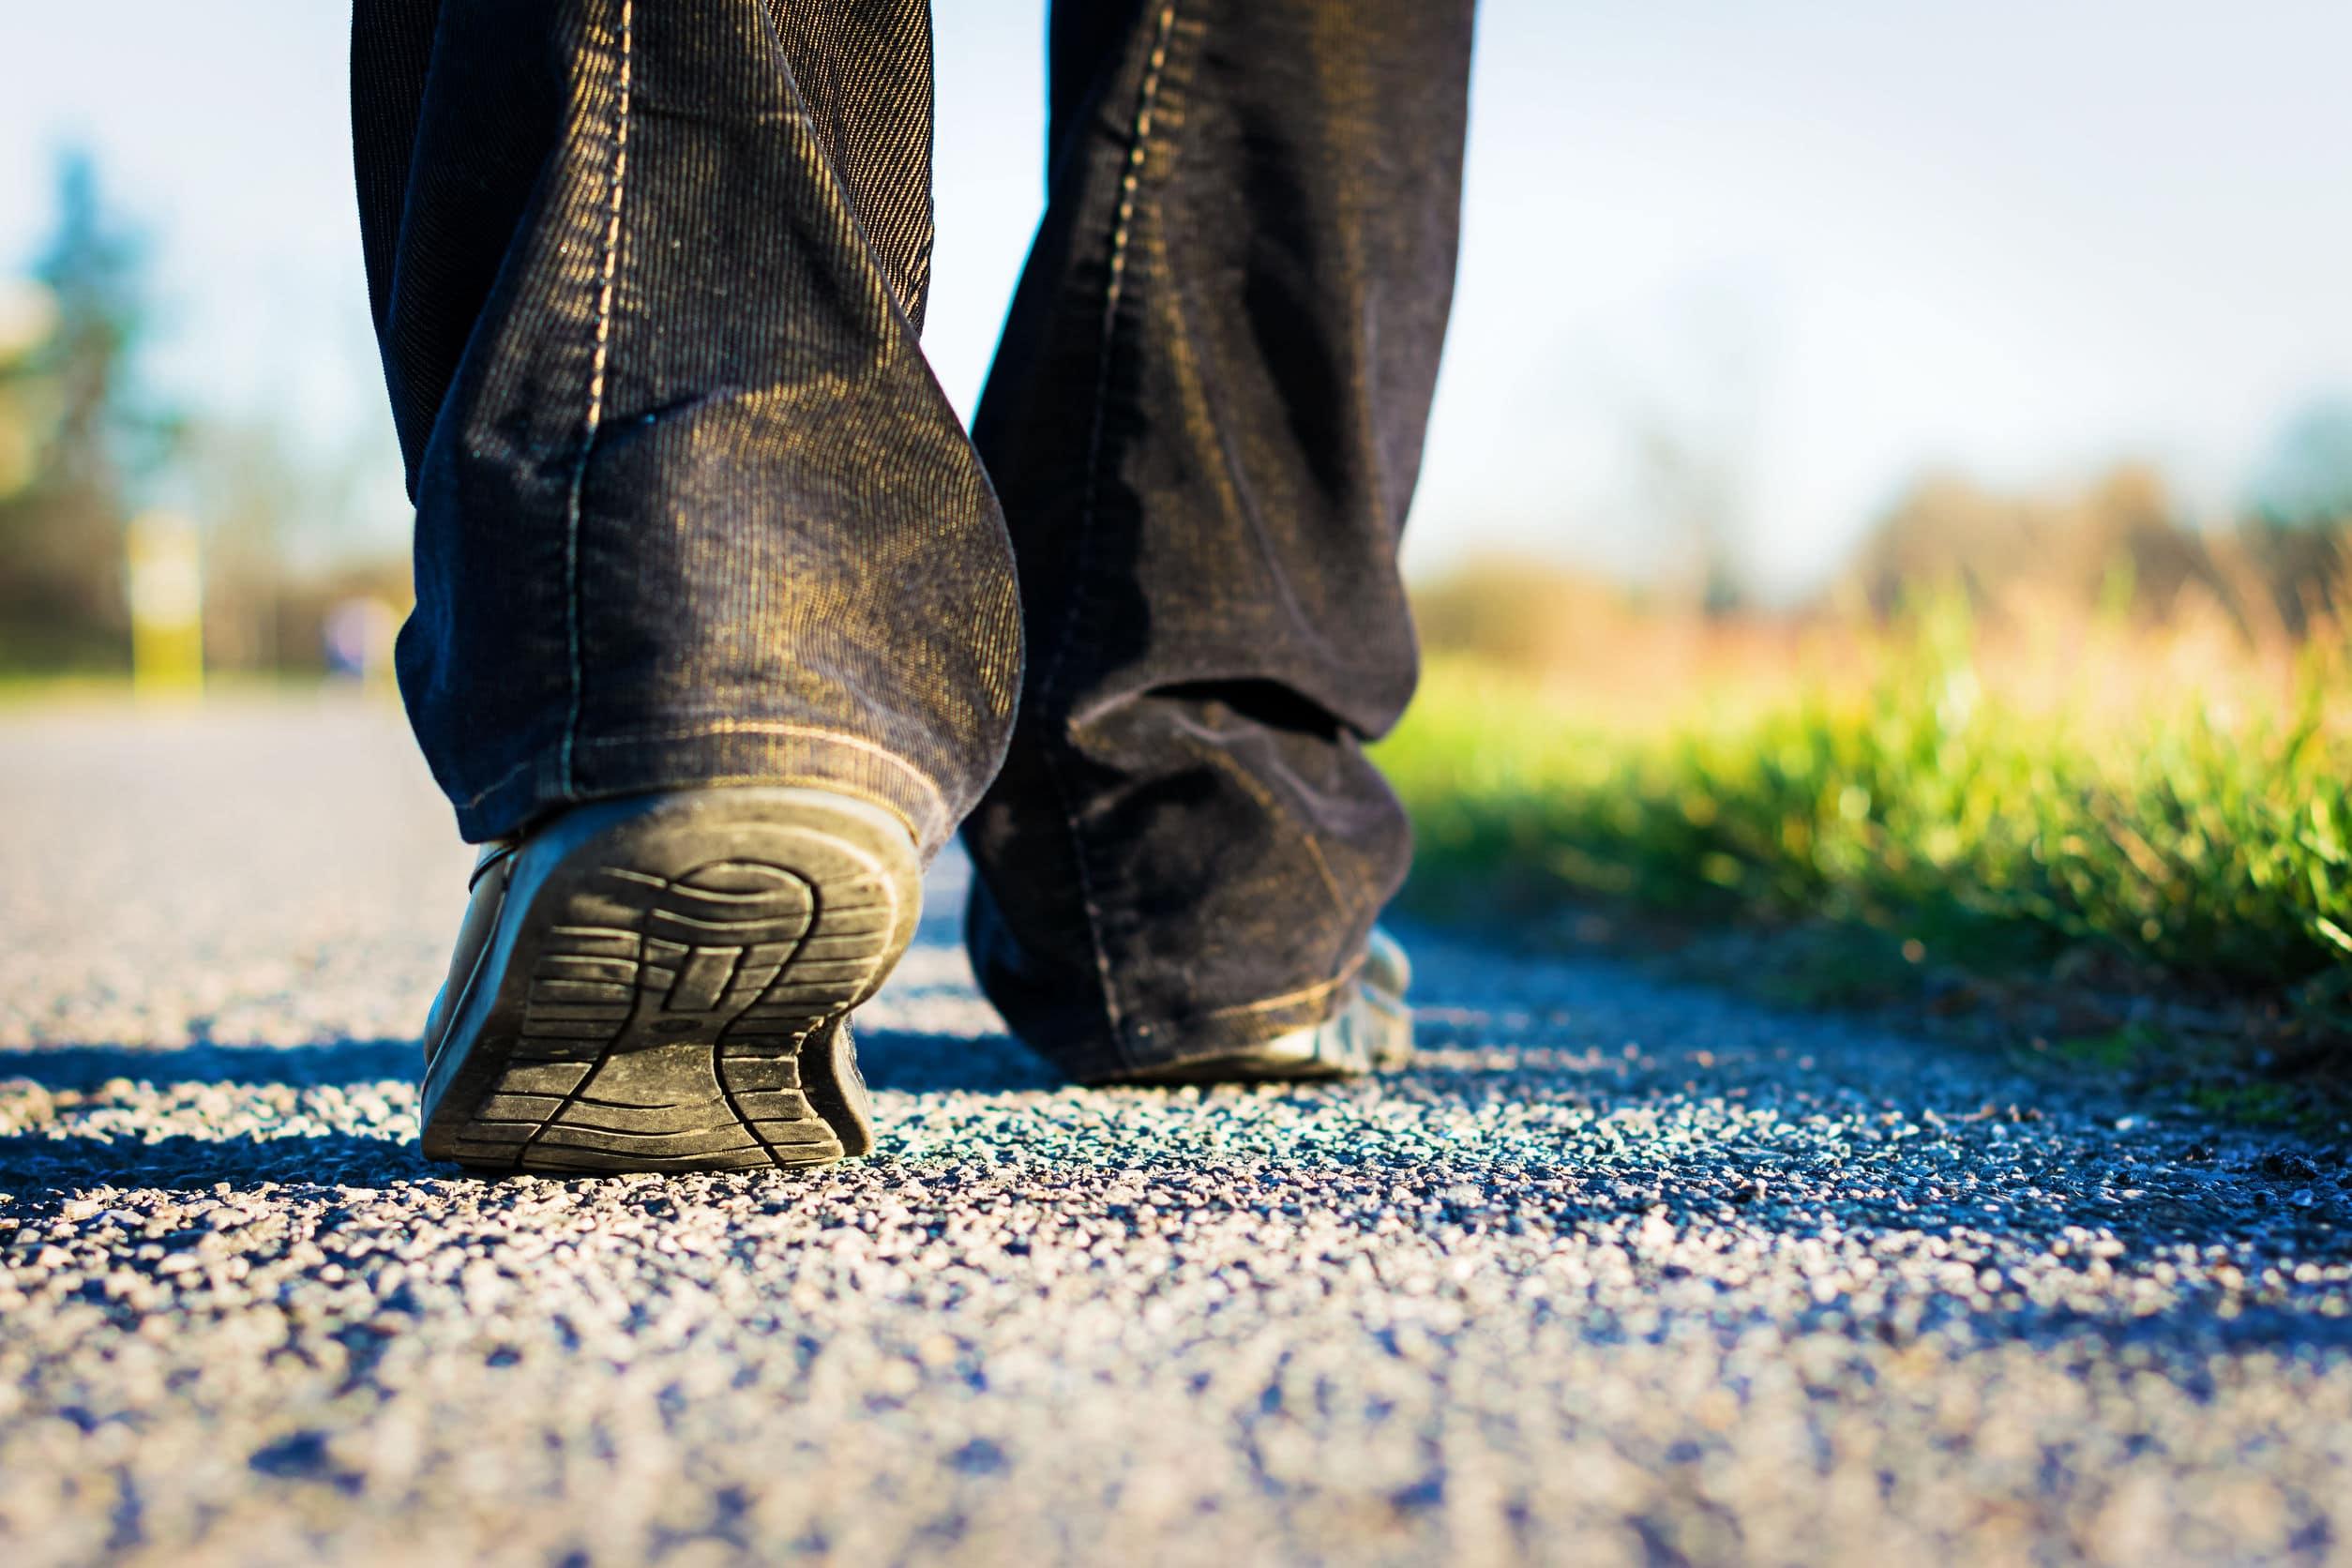 Pés com tênis andando pela estrada.